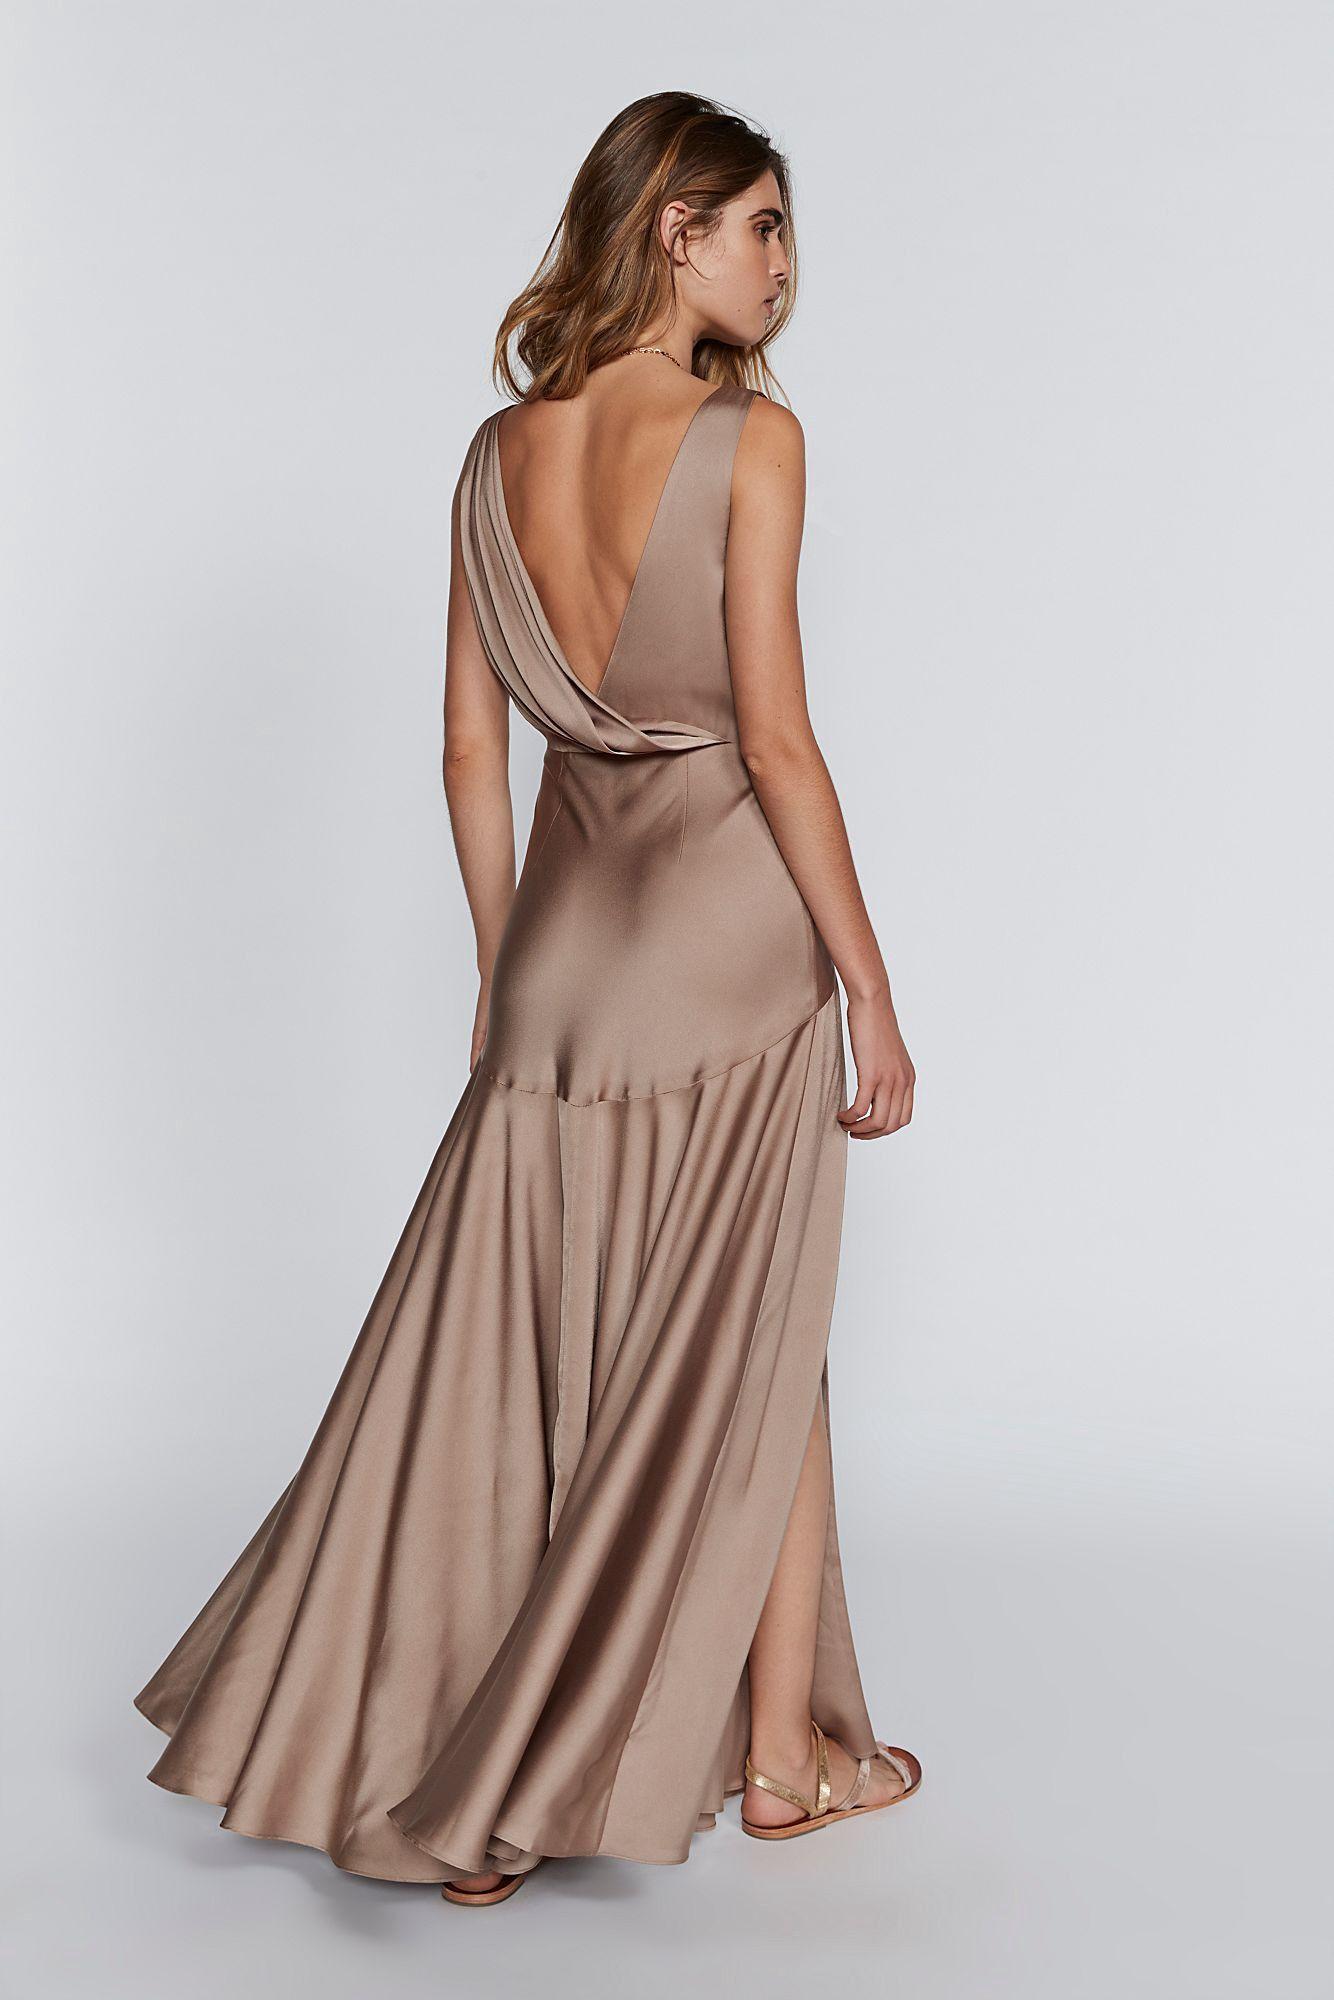 Free People Essie Maxi Dress Dark Tan 2 Maxi Dress Long Sleeve Embroidered Dress Dresses [ 2000 x 1334 Pixel ]